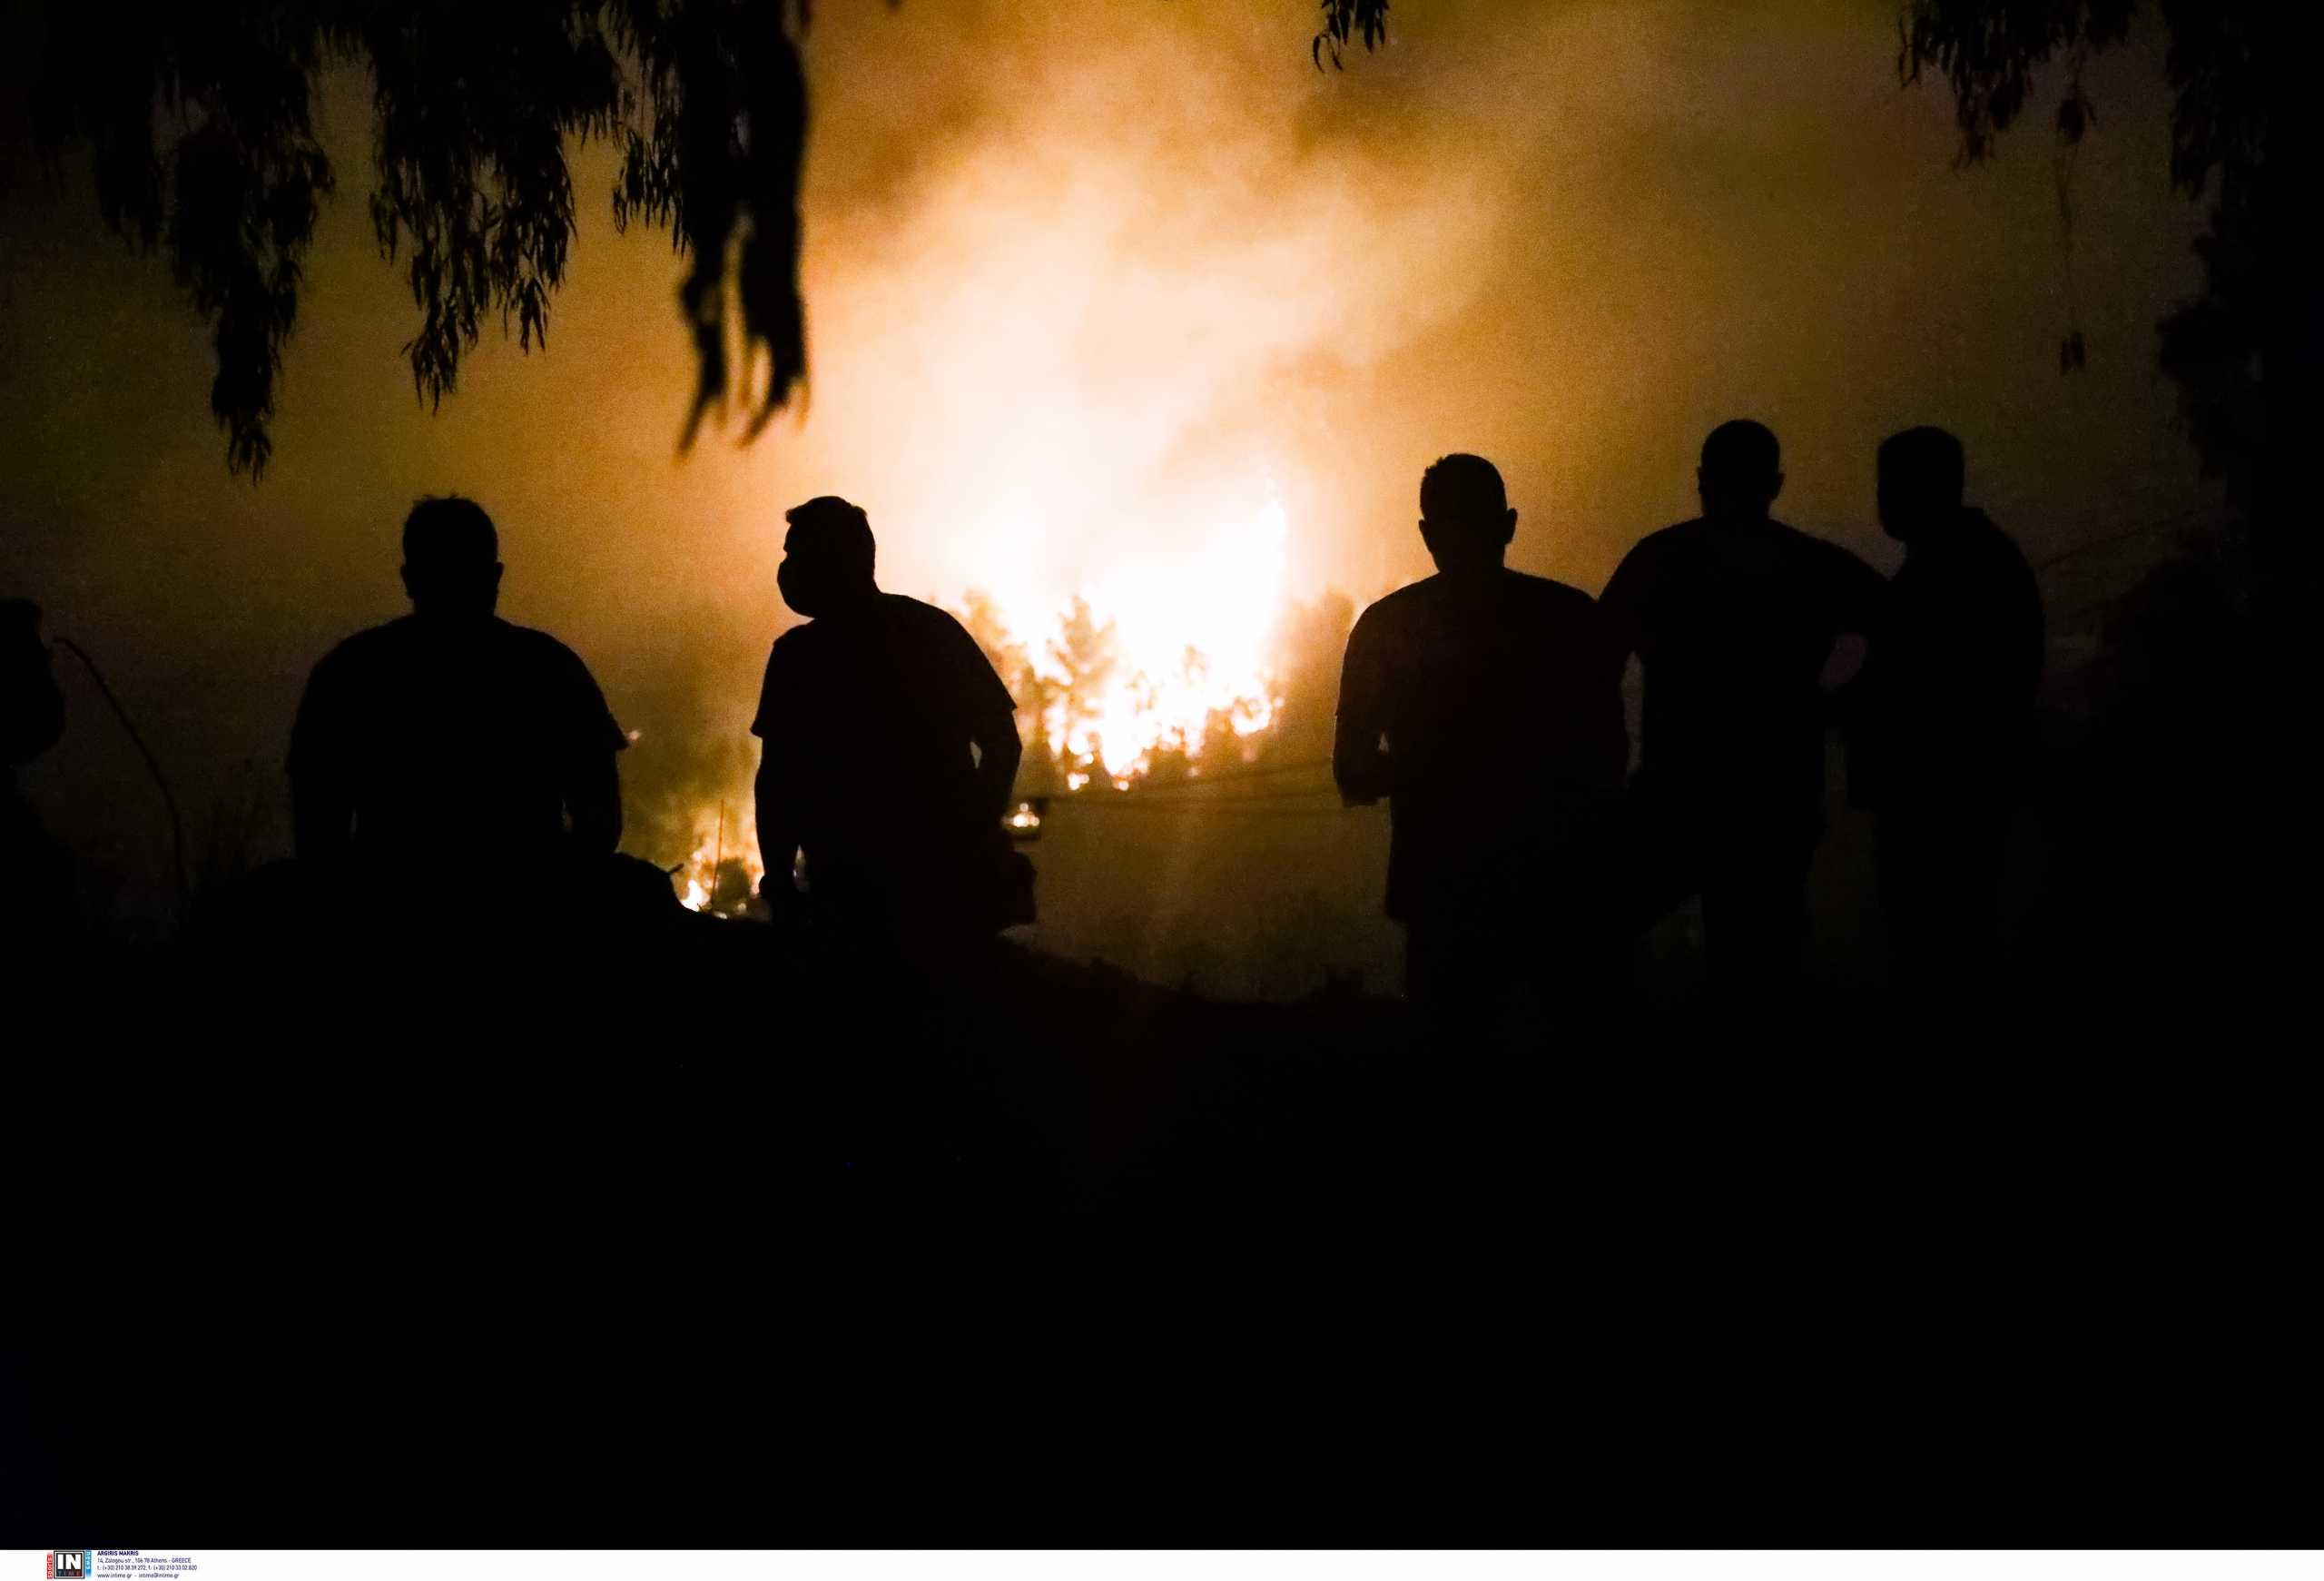 Φωτιά σε Βαρυμπόμπη και Θρακομακεδόνες: Δύσκολη νύχτα – Πού εκτείνονται τα μέτωπα